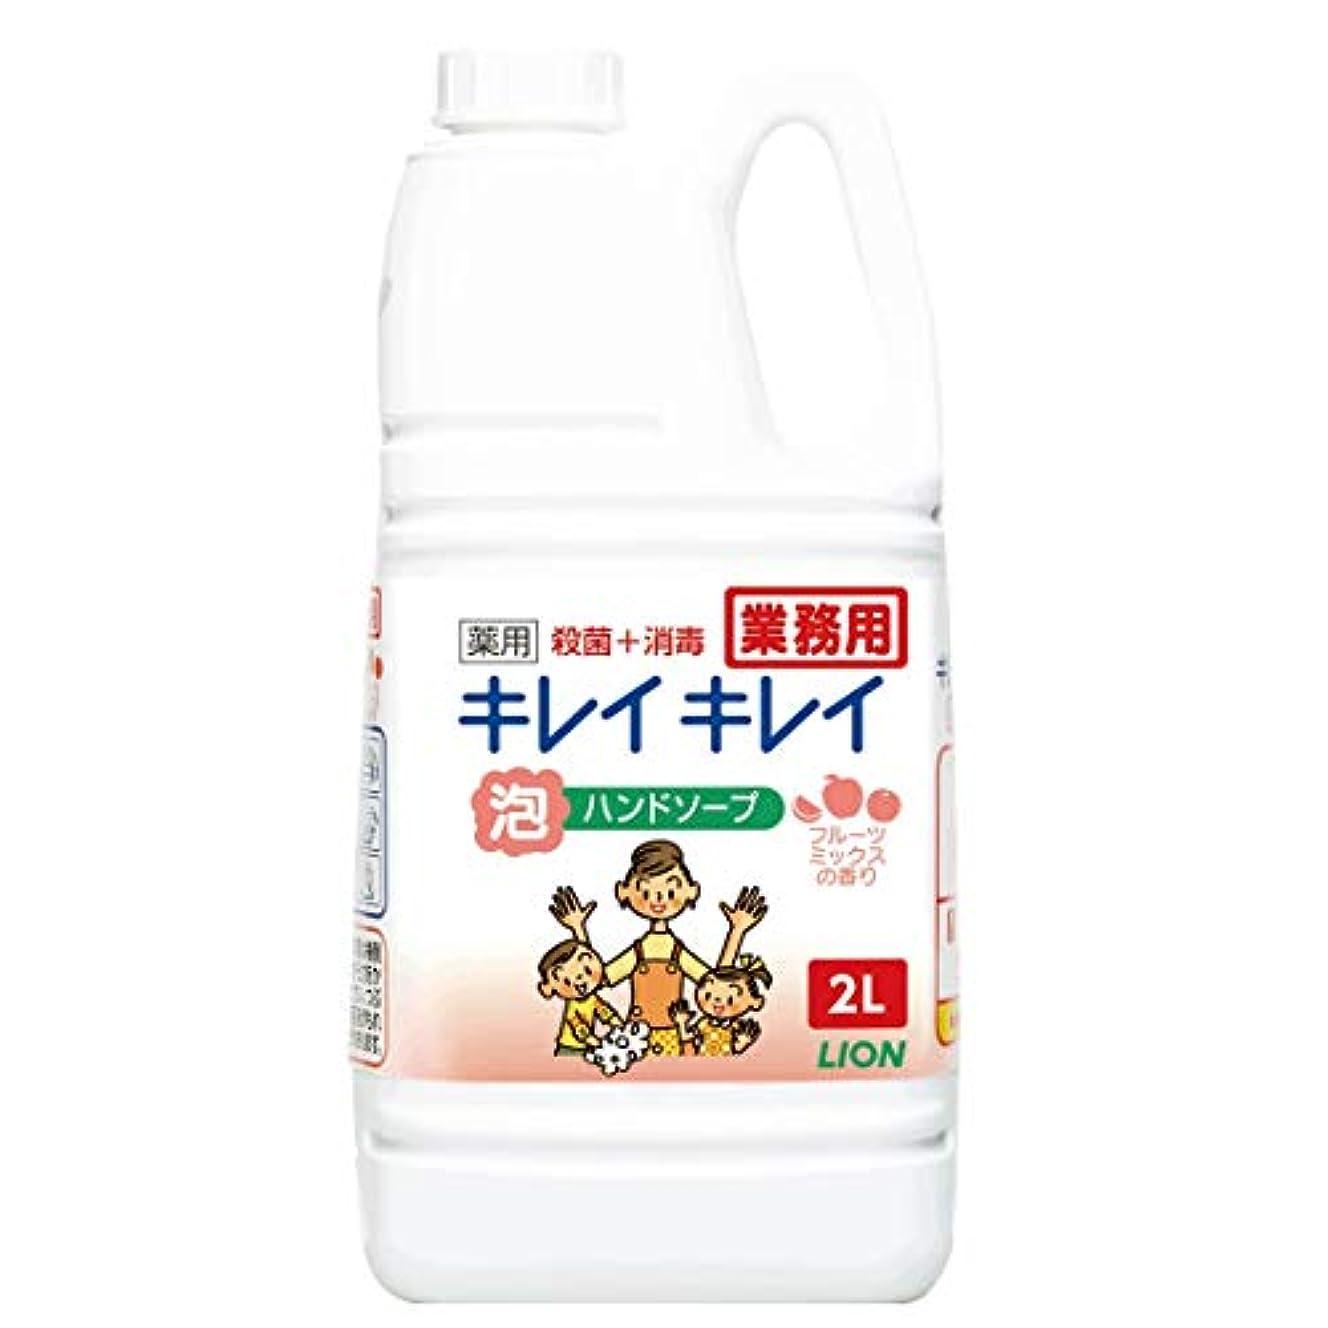 相関する以下のど【大容量】キレイキレイ 薬用泡ハンドソープ フルーツミックスの香り 2L